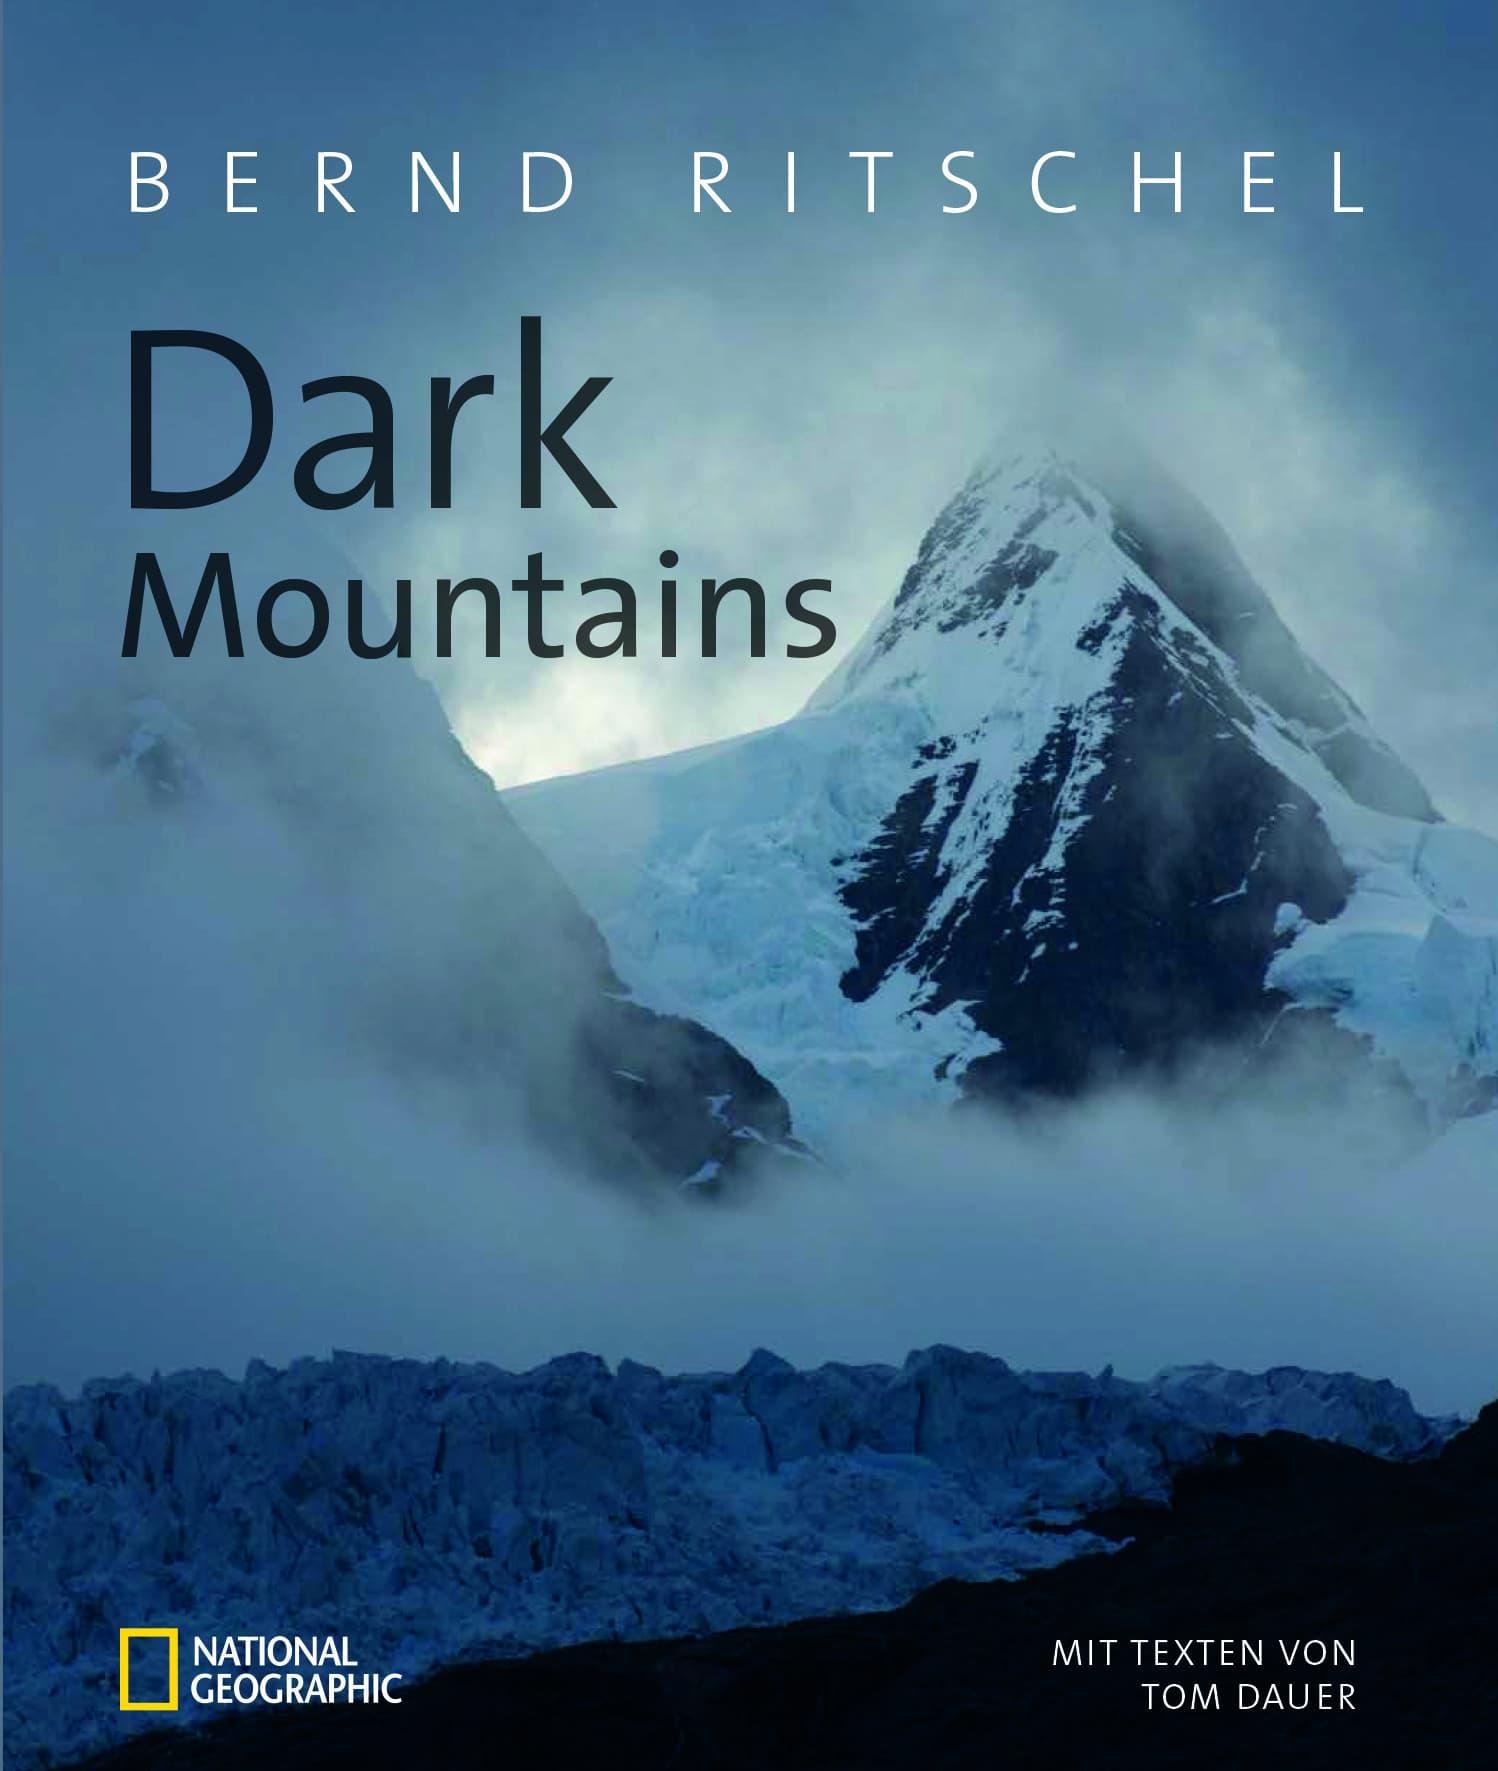 Buchcover Bildband Dark Mountains von Bernd Ritschel